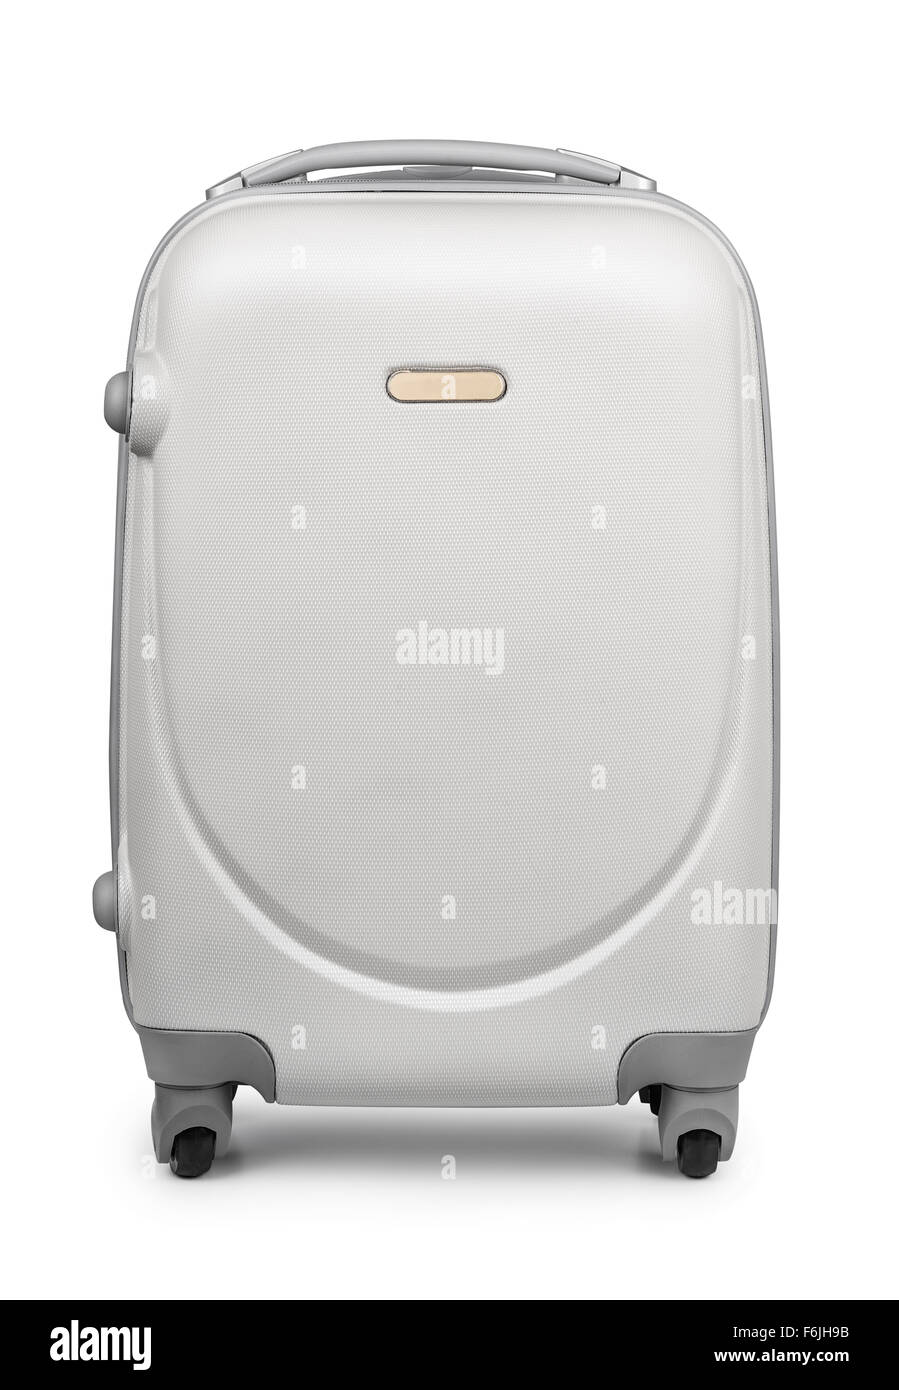 Plastic travel suitcase isolated on white - Stock Image